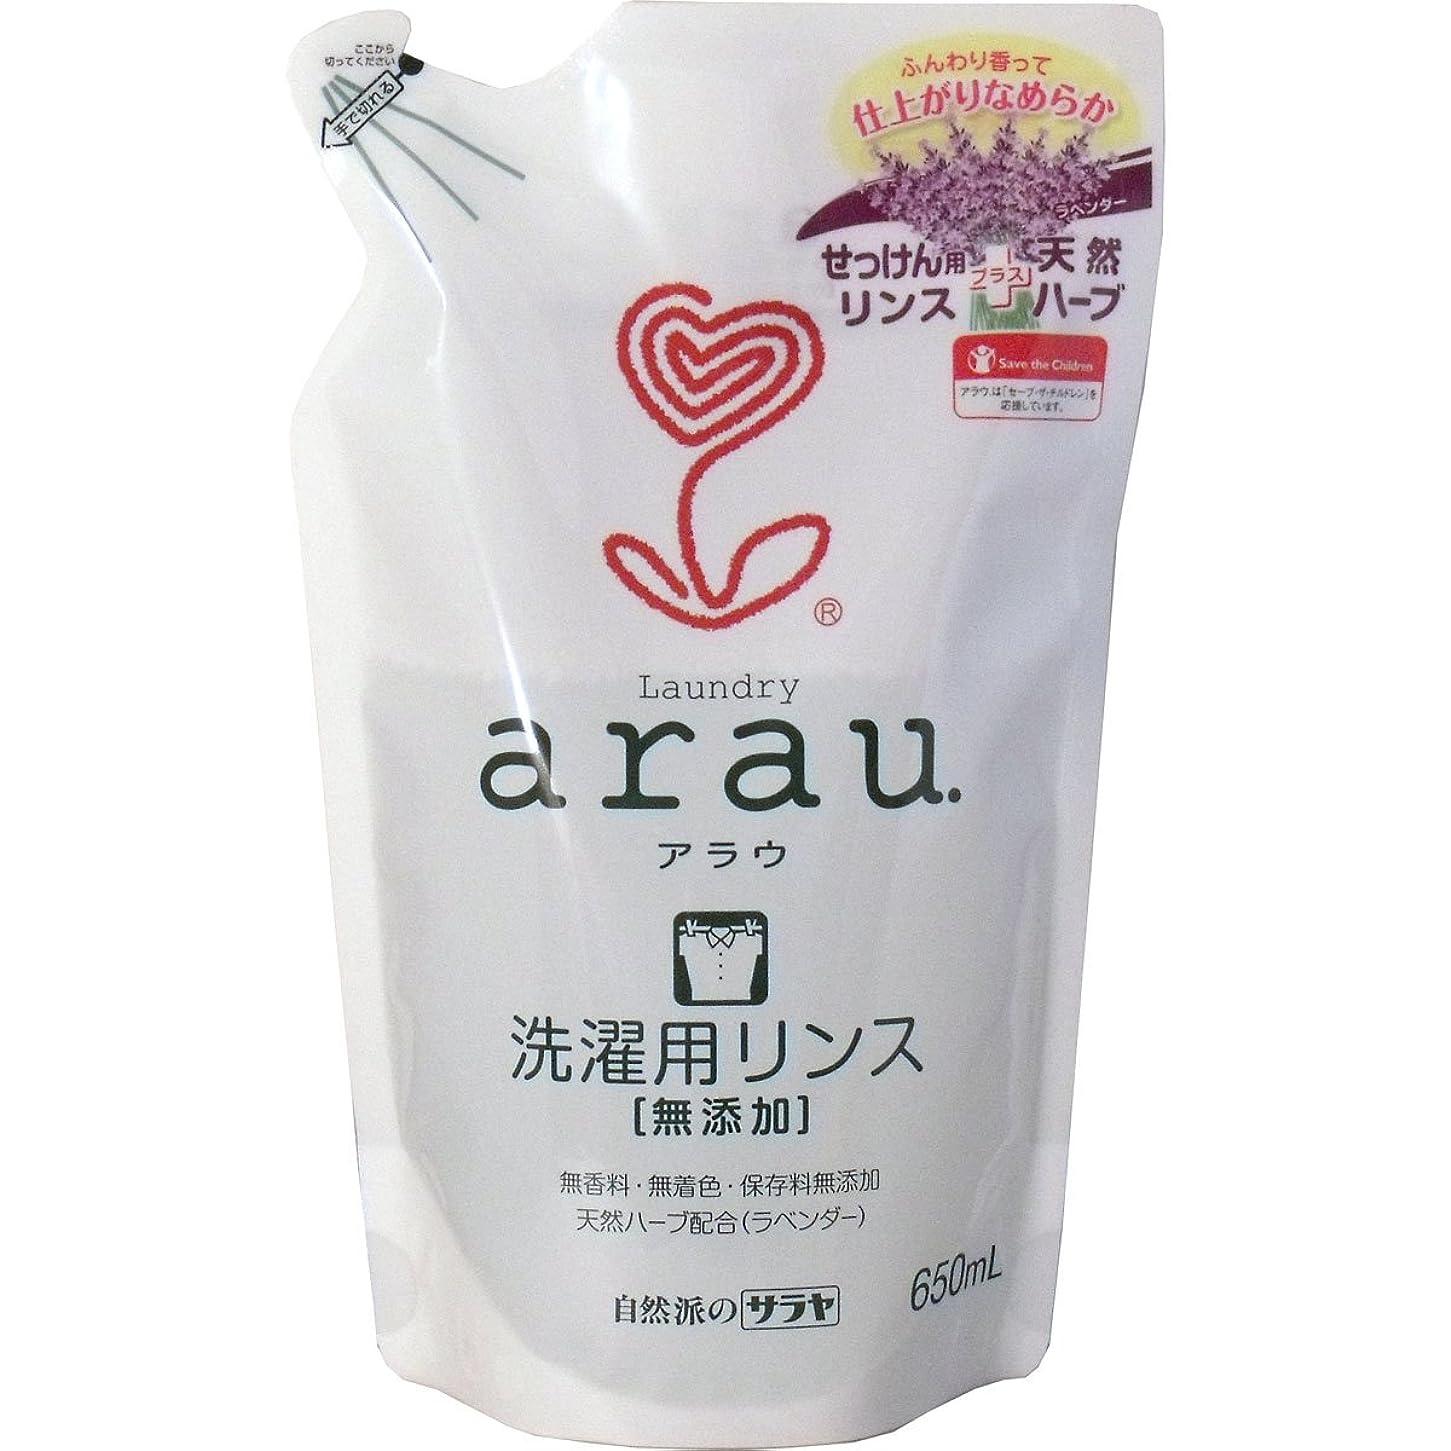 天国楽しい解決arau.(アラウ) 洗濯用 リンス仕上げ 詰替用 650ml ×2セット